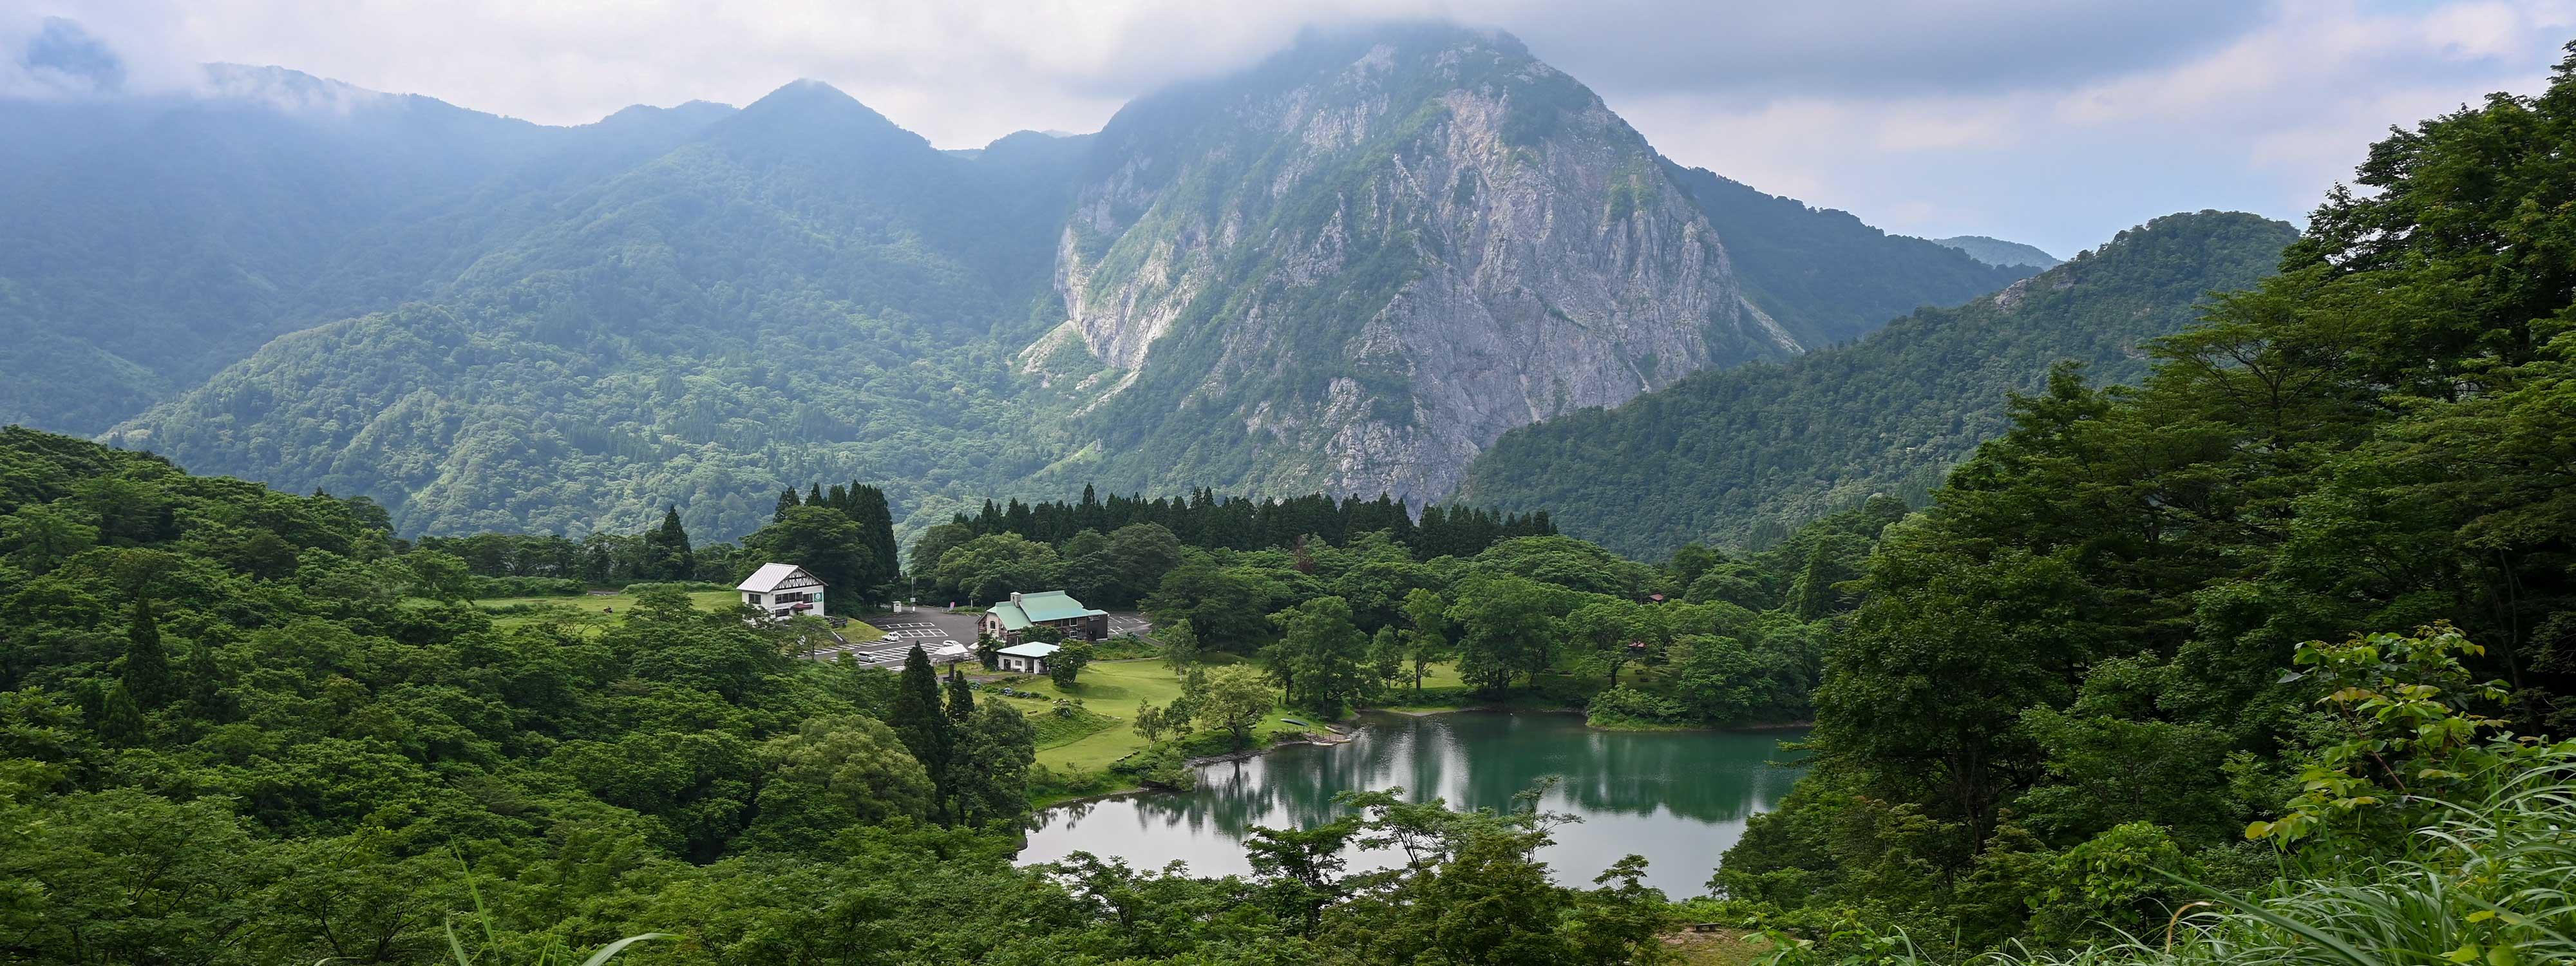 2021/07/13【高浪の池と明星山】